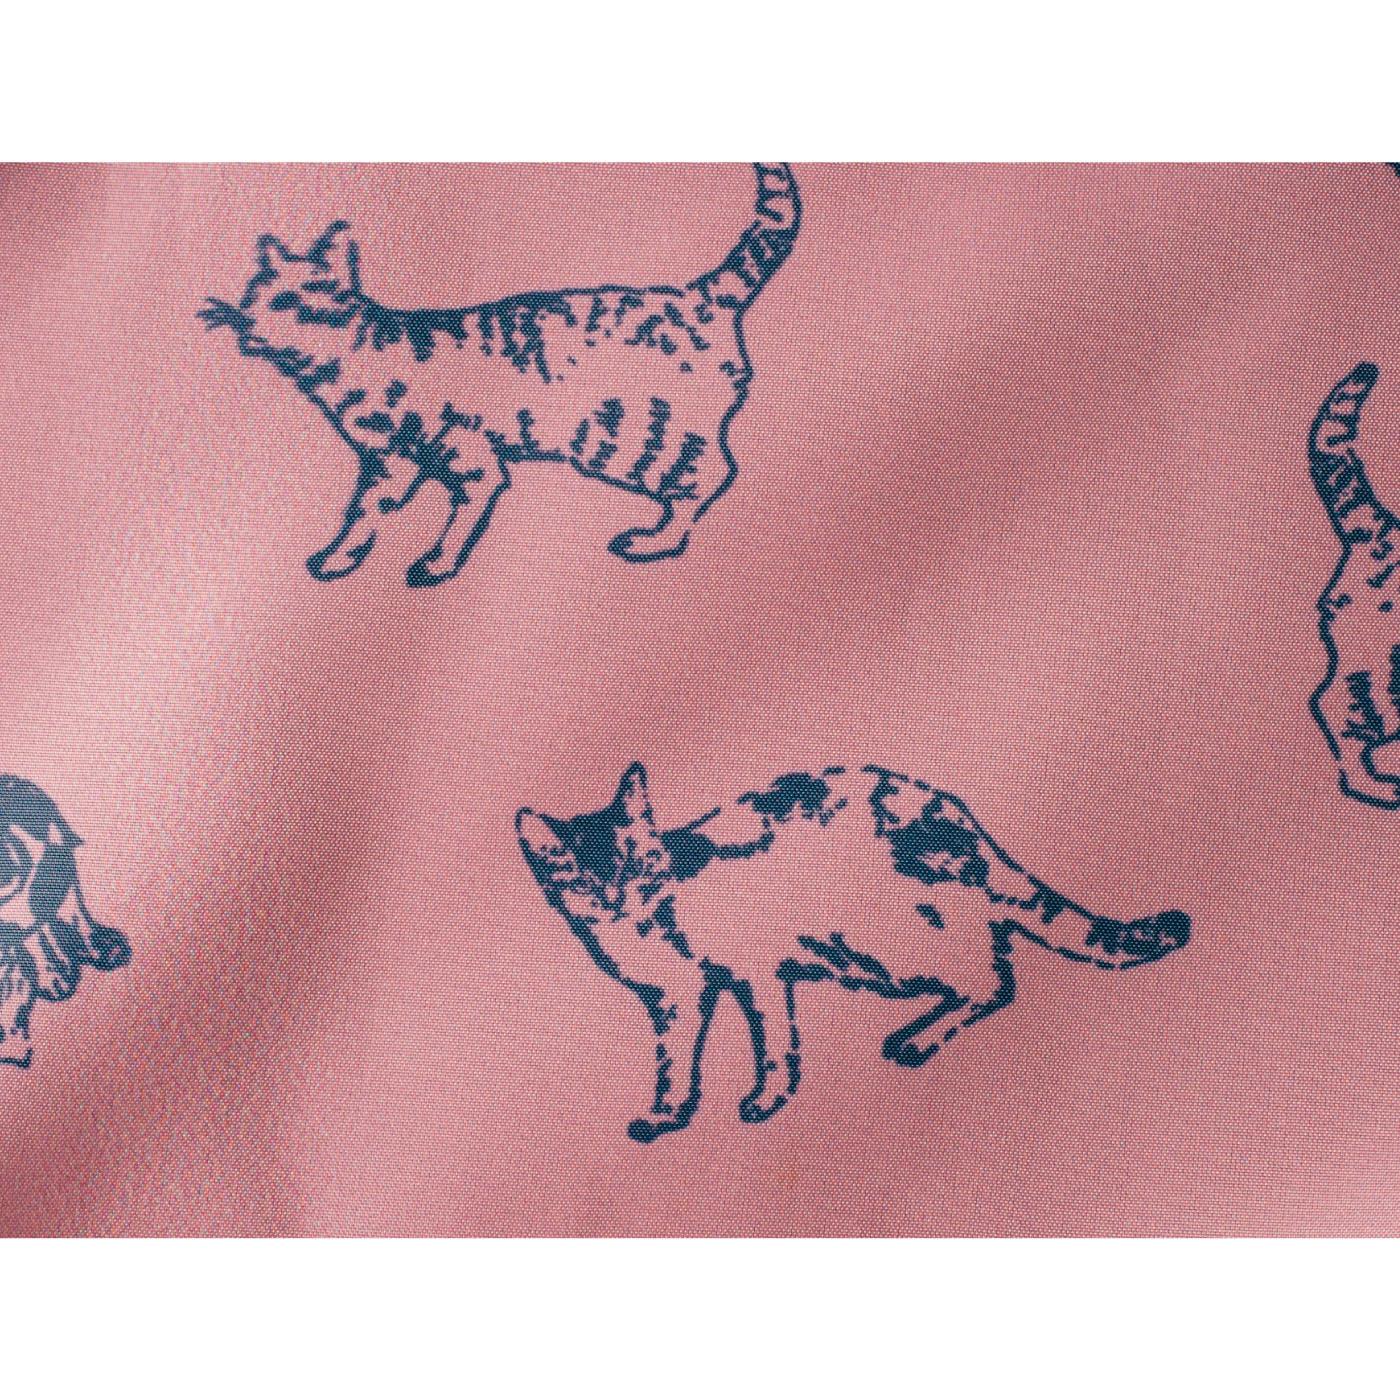 今回のために描き下ろしたイラストで作った猫柄オリジナル裏地。大人でも合わせやすい絶妙なピンク色です。